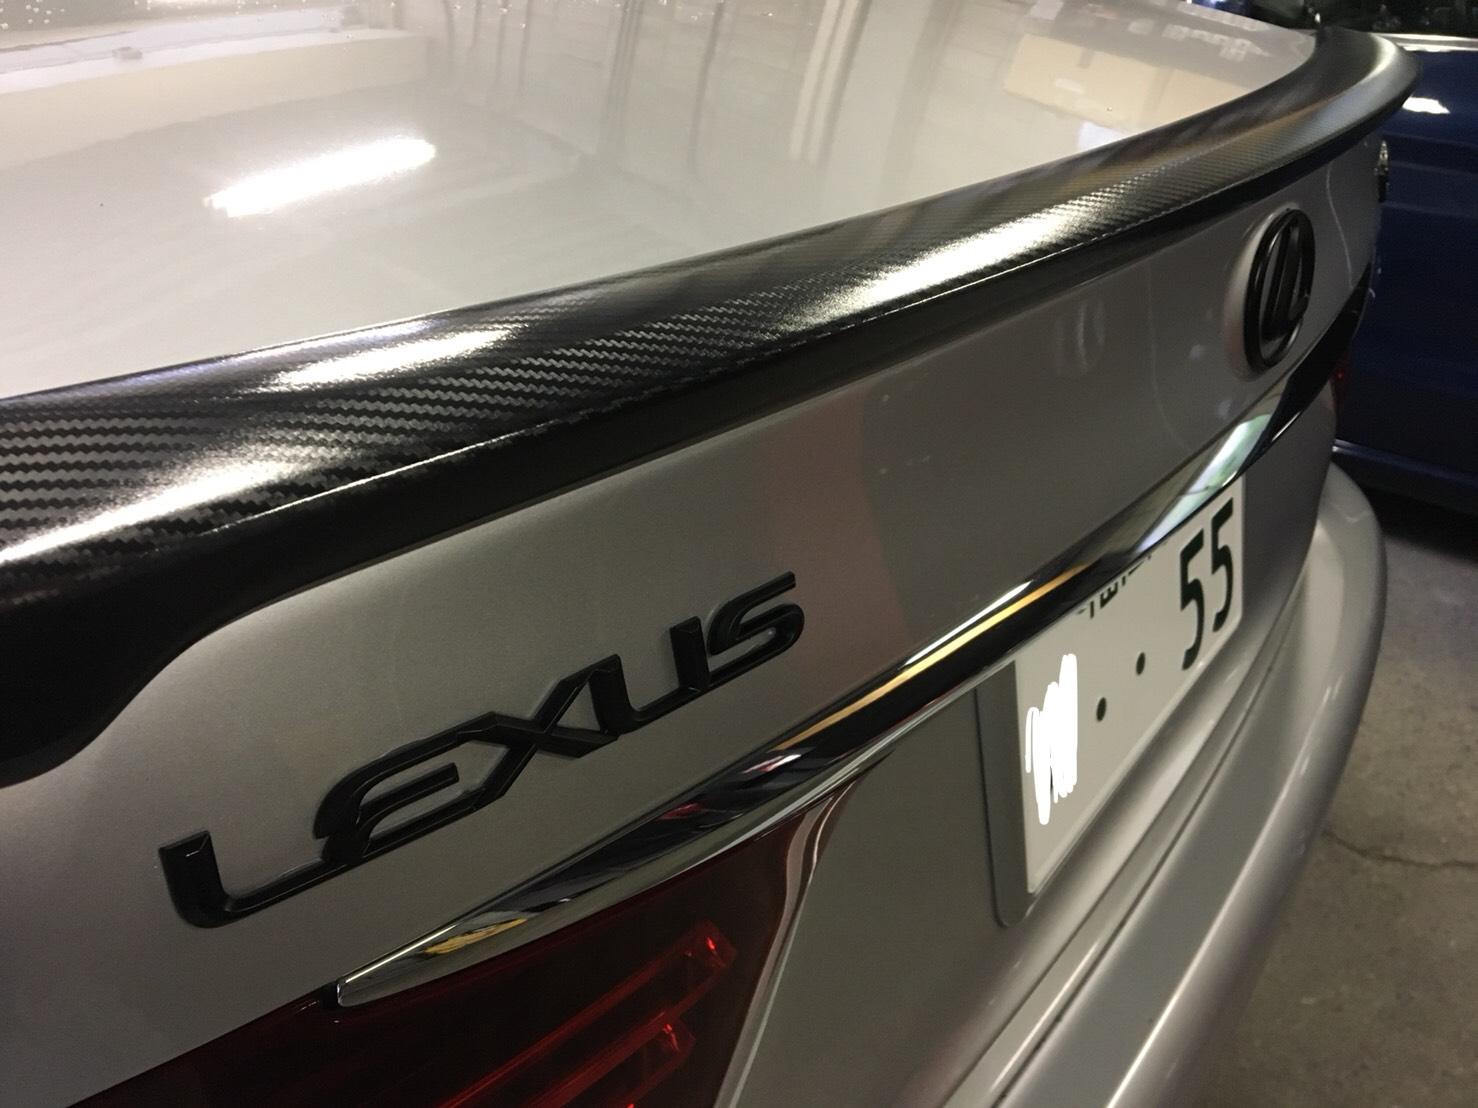 レクサスのカスタム!H25年式のLS460Fスポーツのカーボンラッピングと車高調整